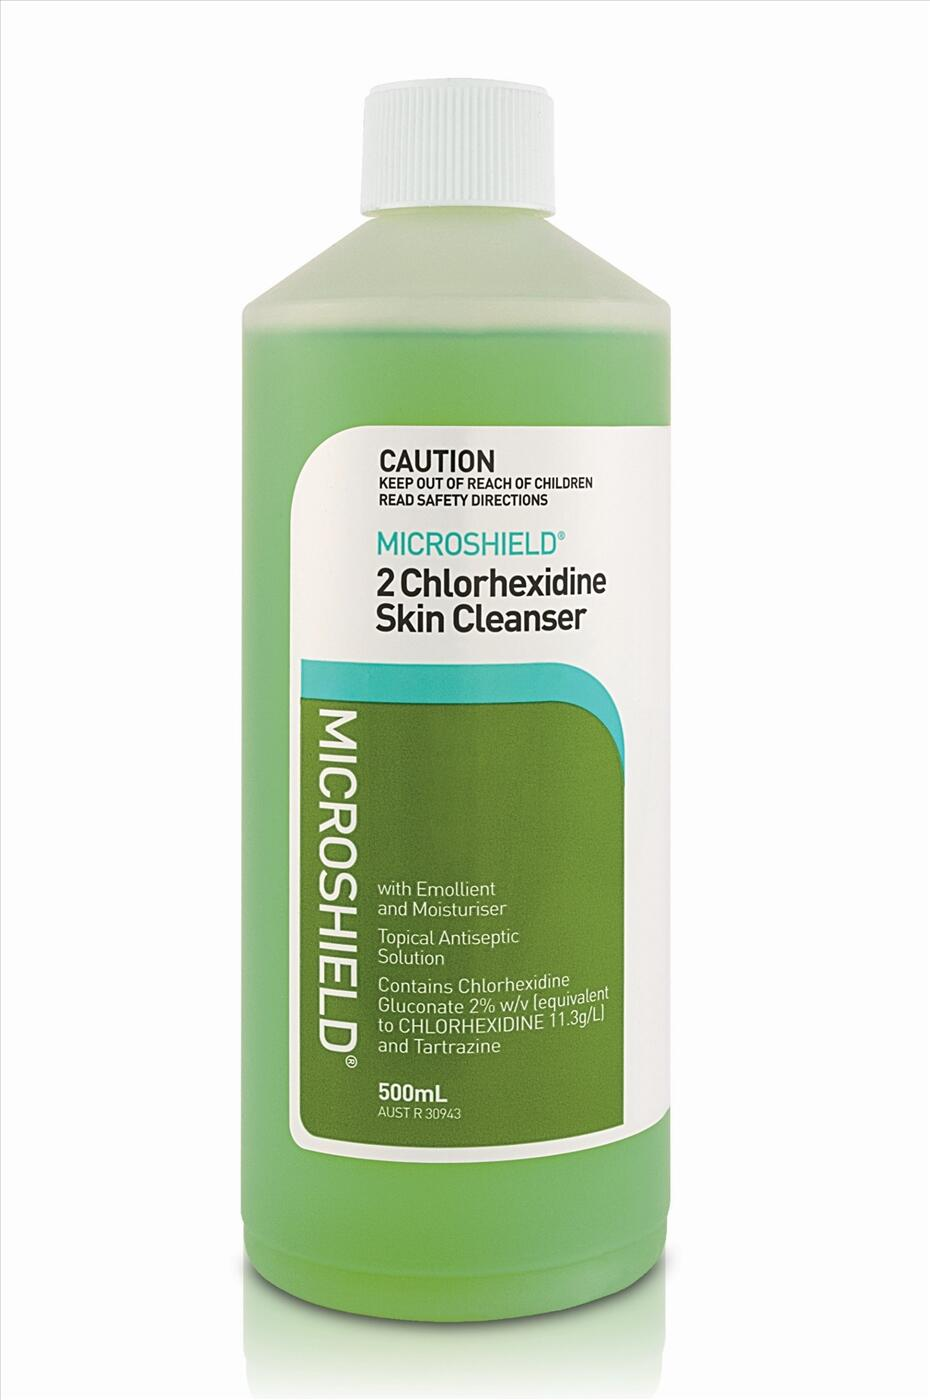 Dung dịch sát khuẩn ngoài da Microshield 2 Chlorhexidine Skin Cleanser 500 ml & 5 lít